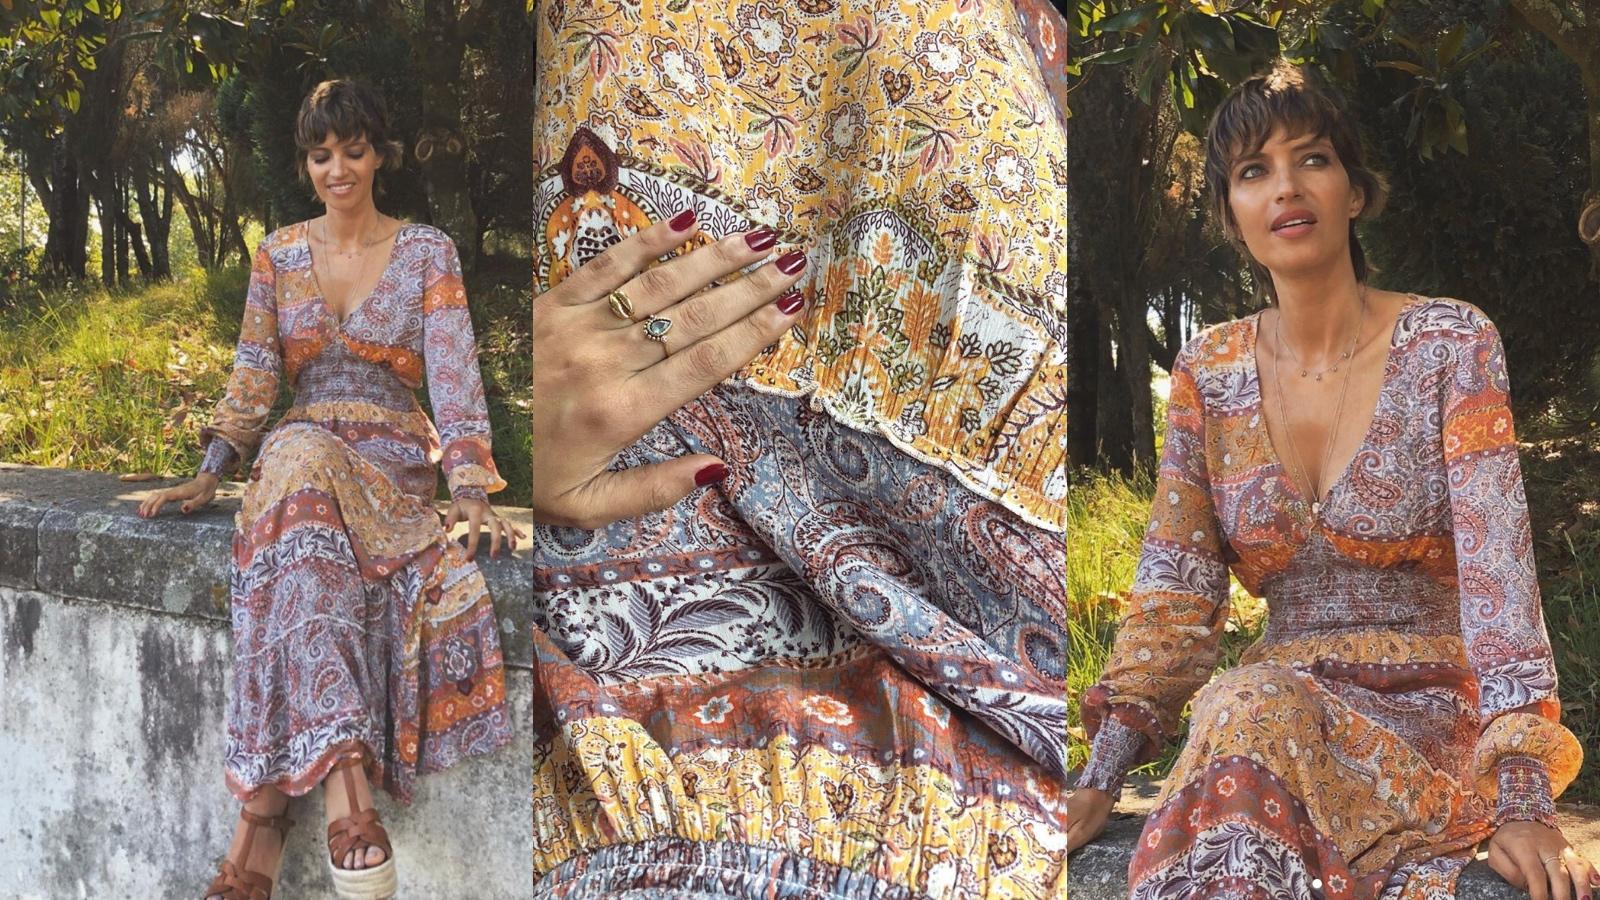 Te contamos donde encontrar el vestido de Sara Carbonero que ha triunfado y que está agotado en su web.